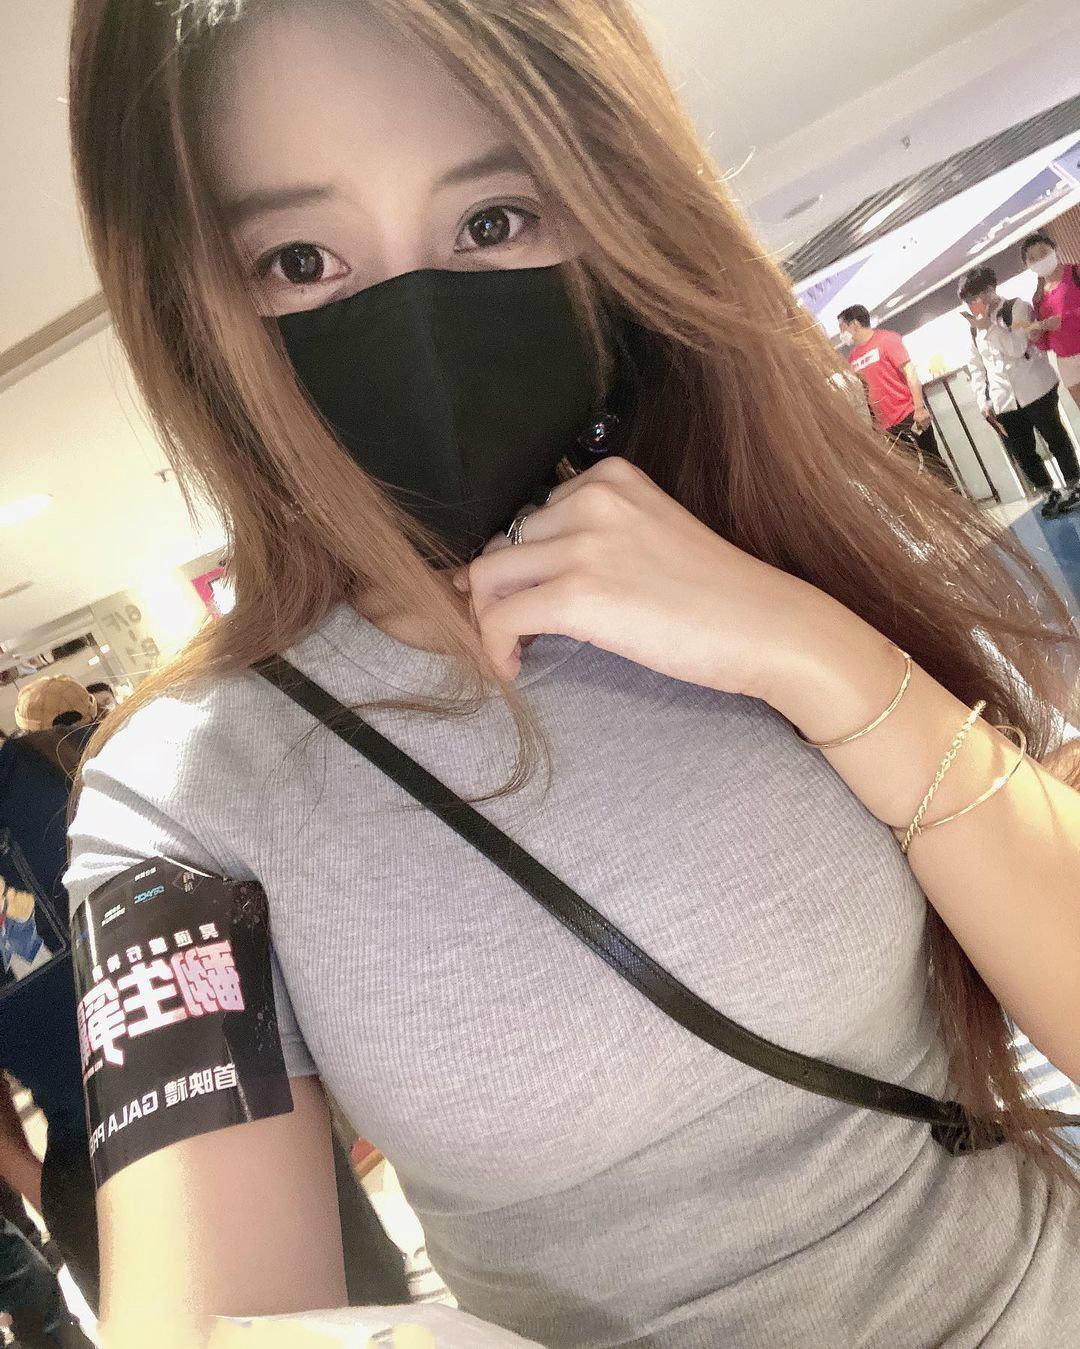 超市偶遇超凶口罩妹子,香港小猪姐姐傲人美乳身材火辣!